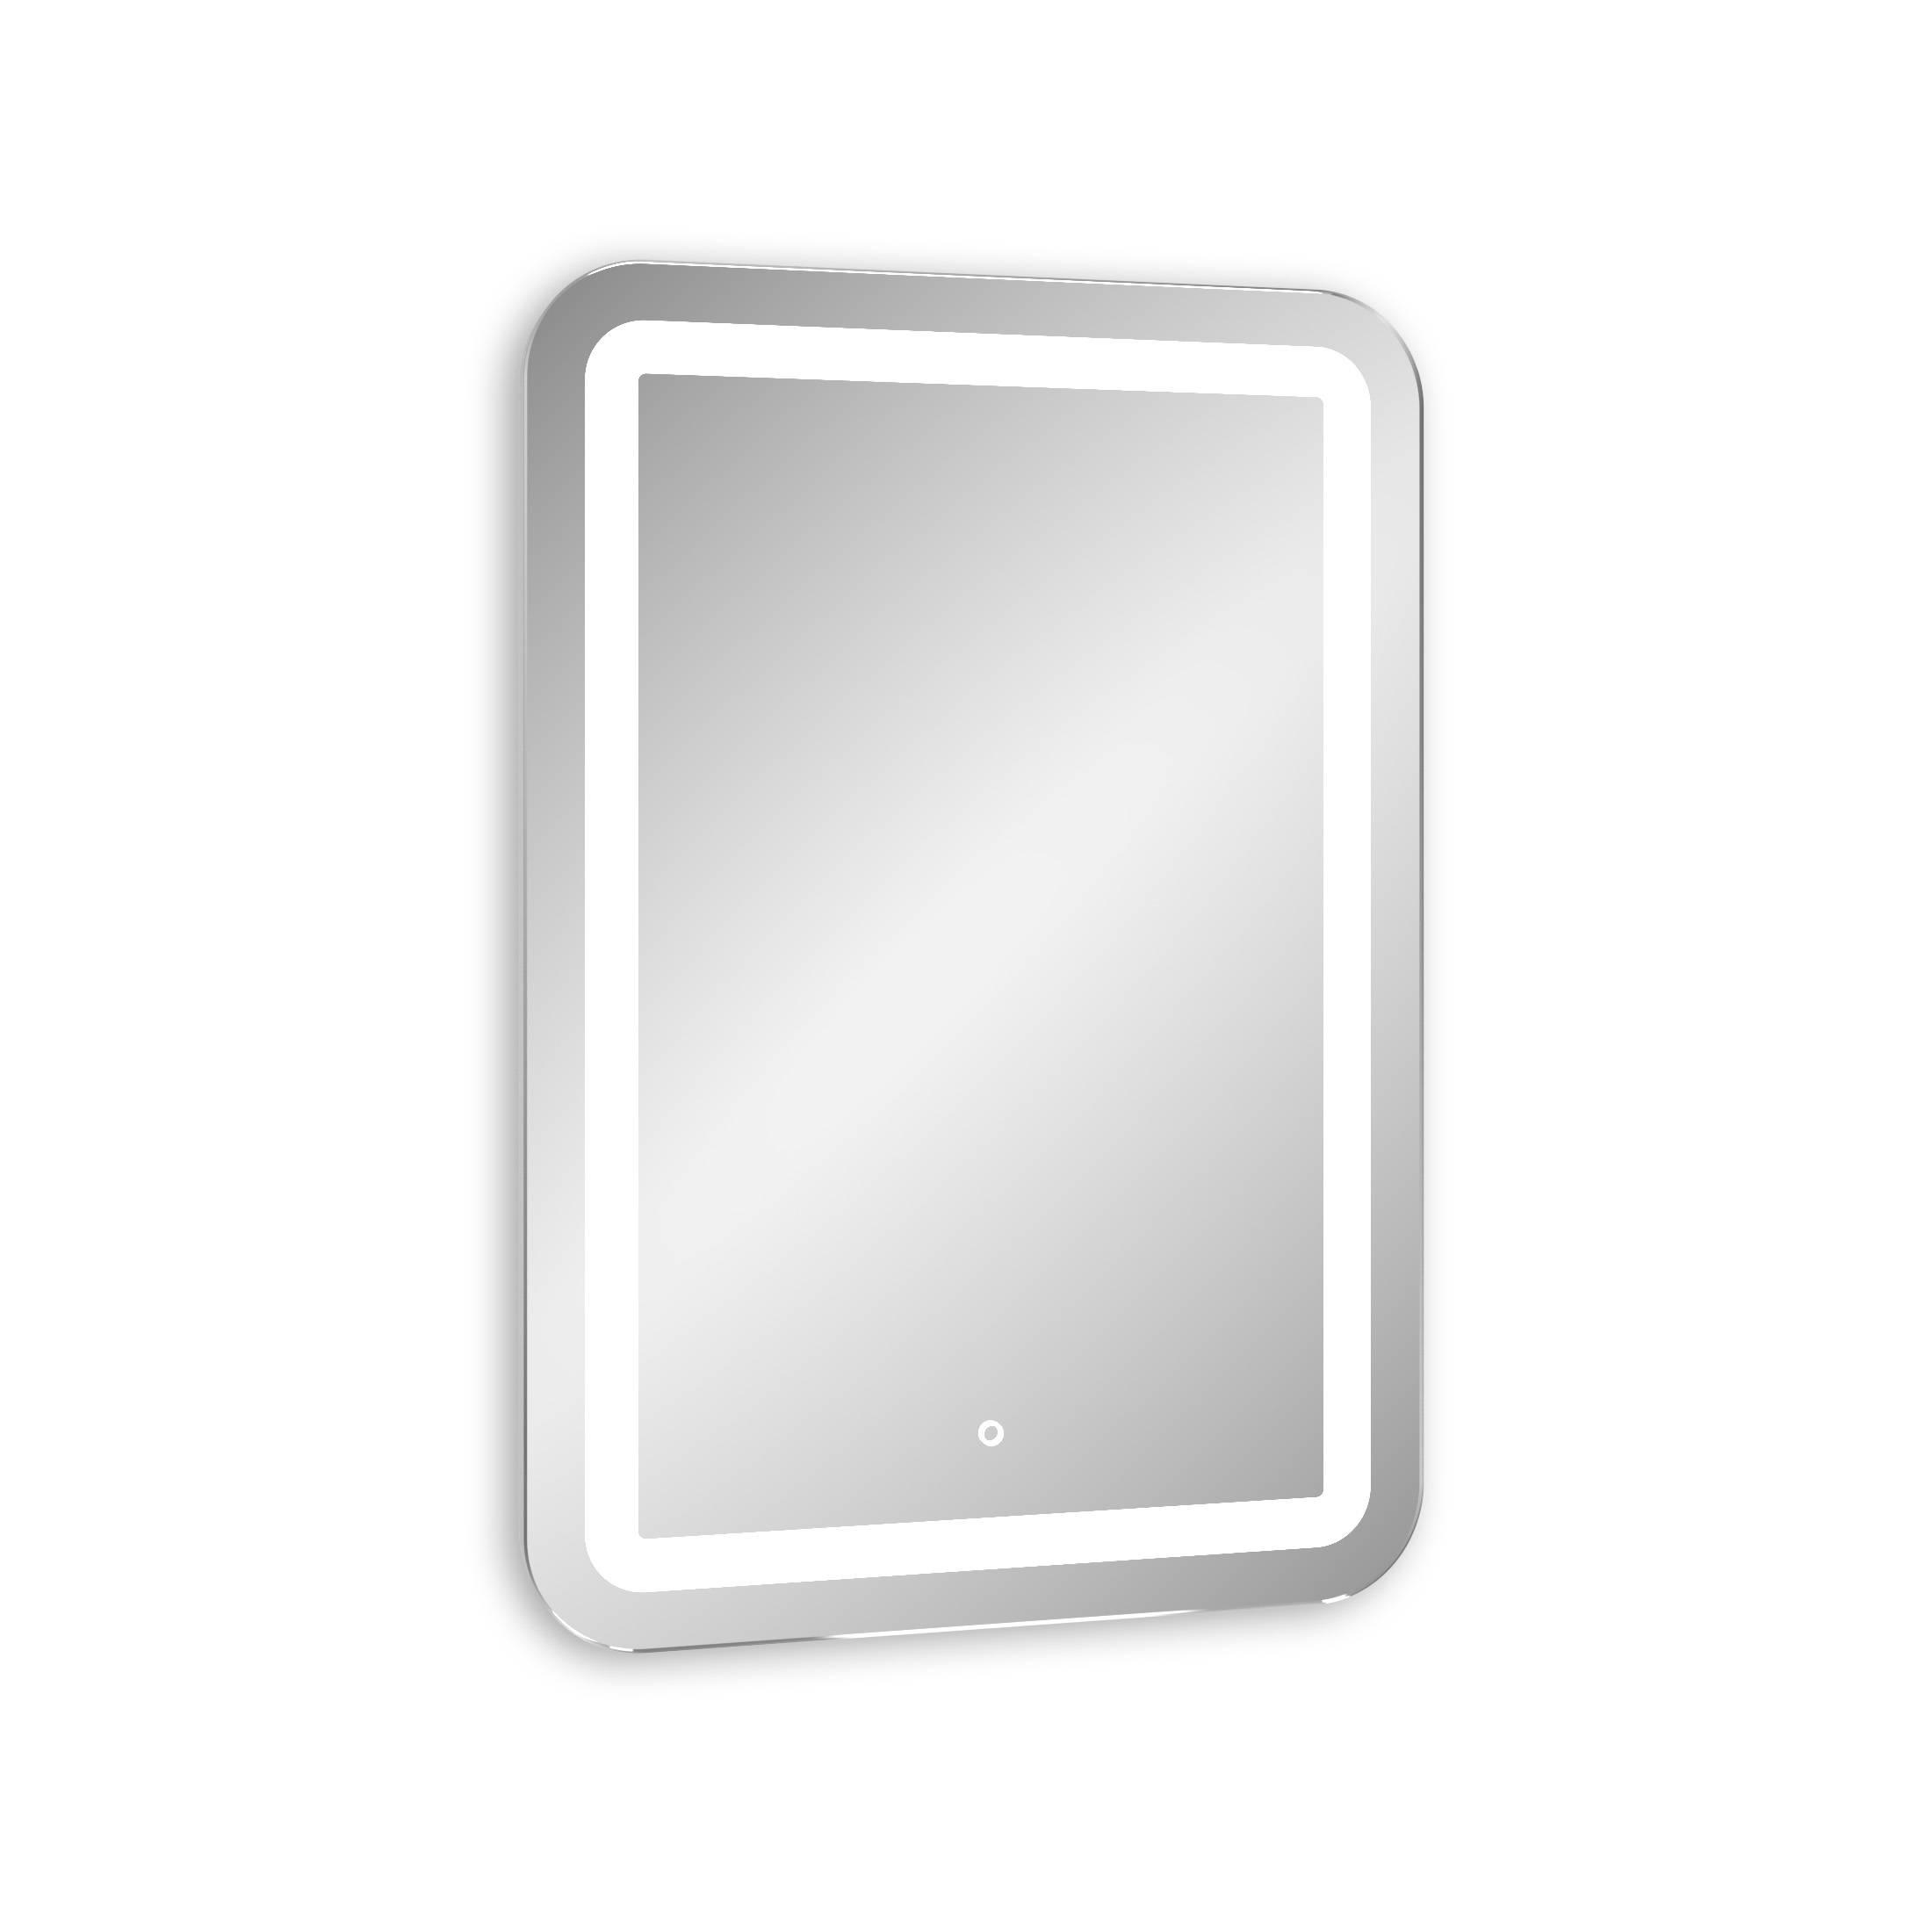 Сенсорное зеркало для ванной купить в Нижнем Новгороде   Зеркала с сенсором недорого